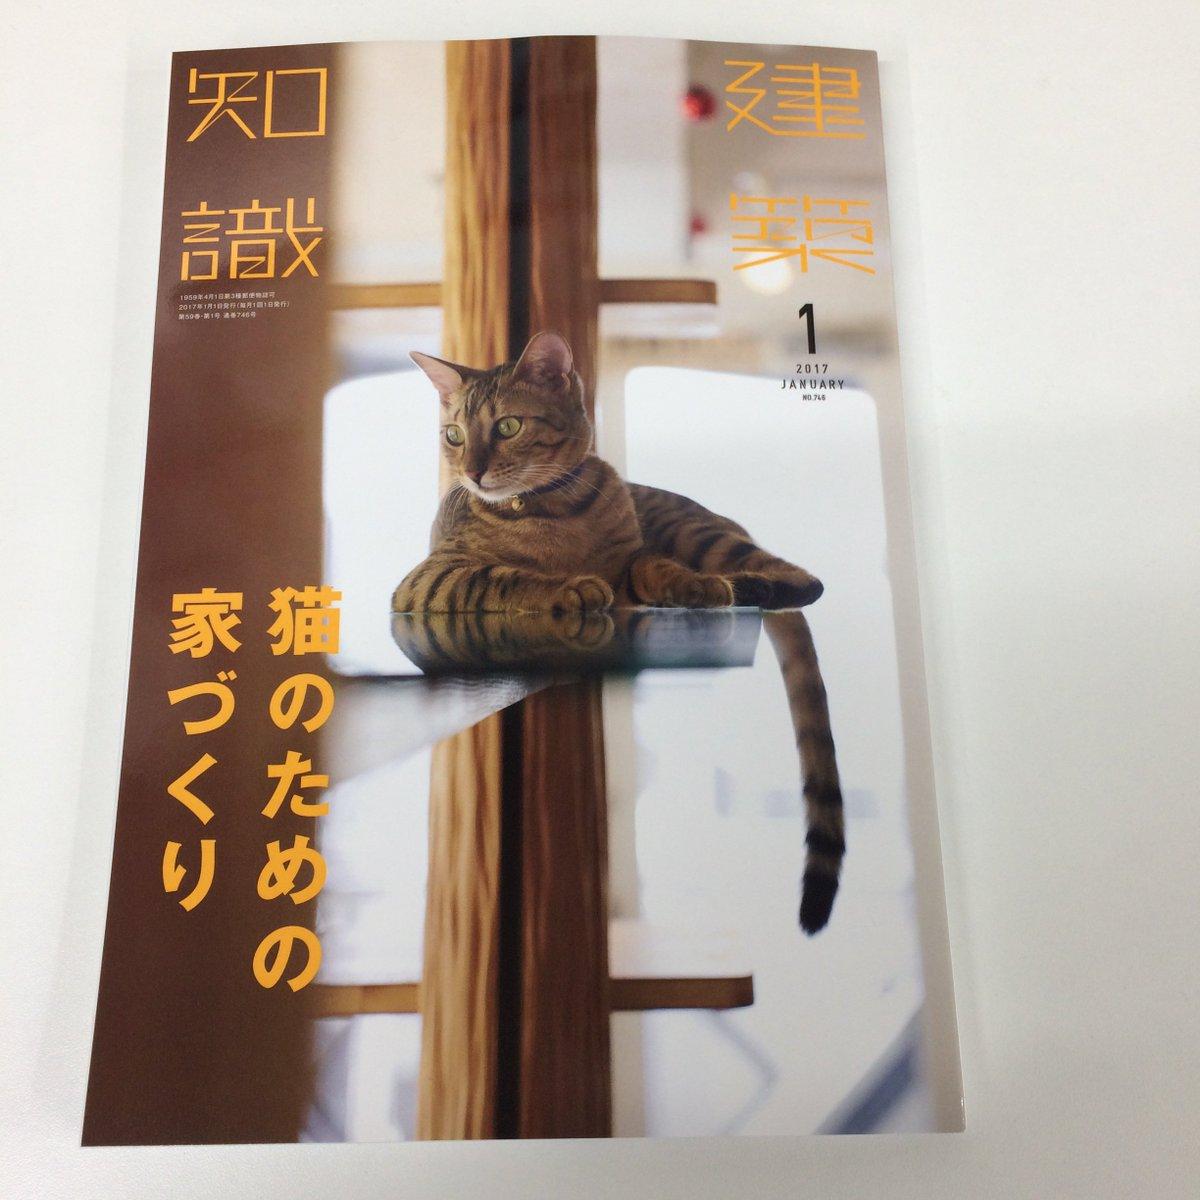 「建築知識 1月号」 建築の専門誌なのに、今月号は「猫:建築 = 7:3」くらいの感じw